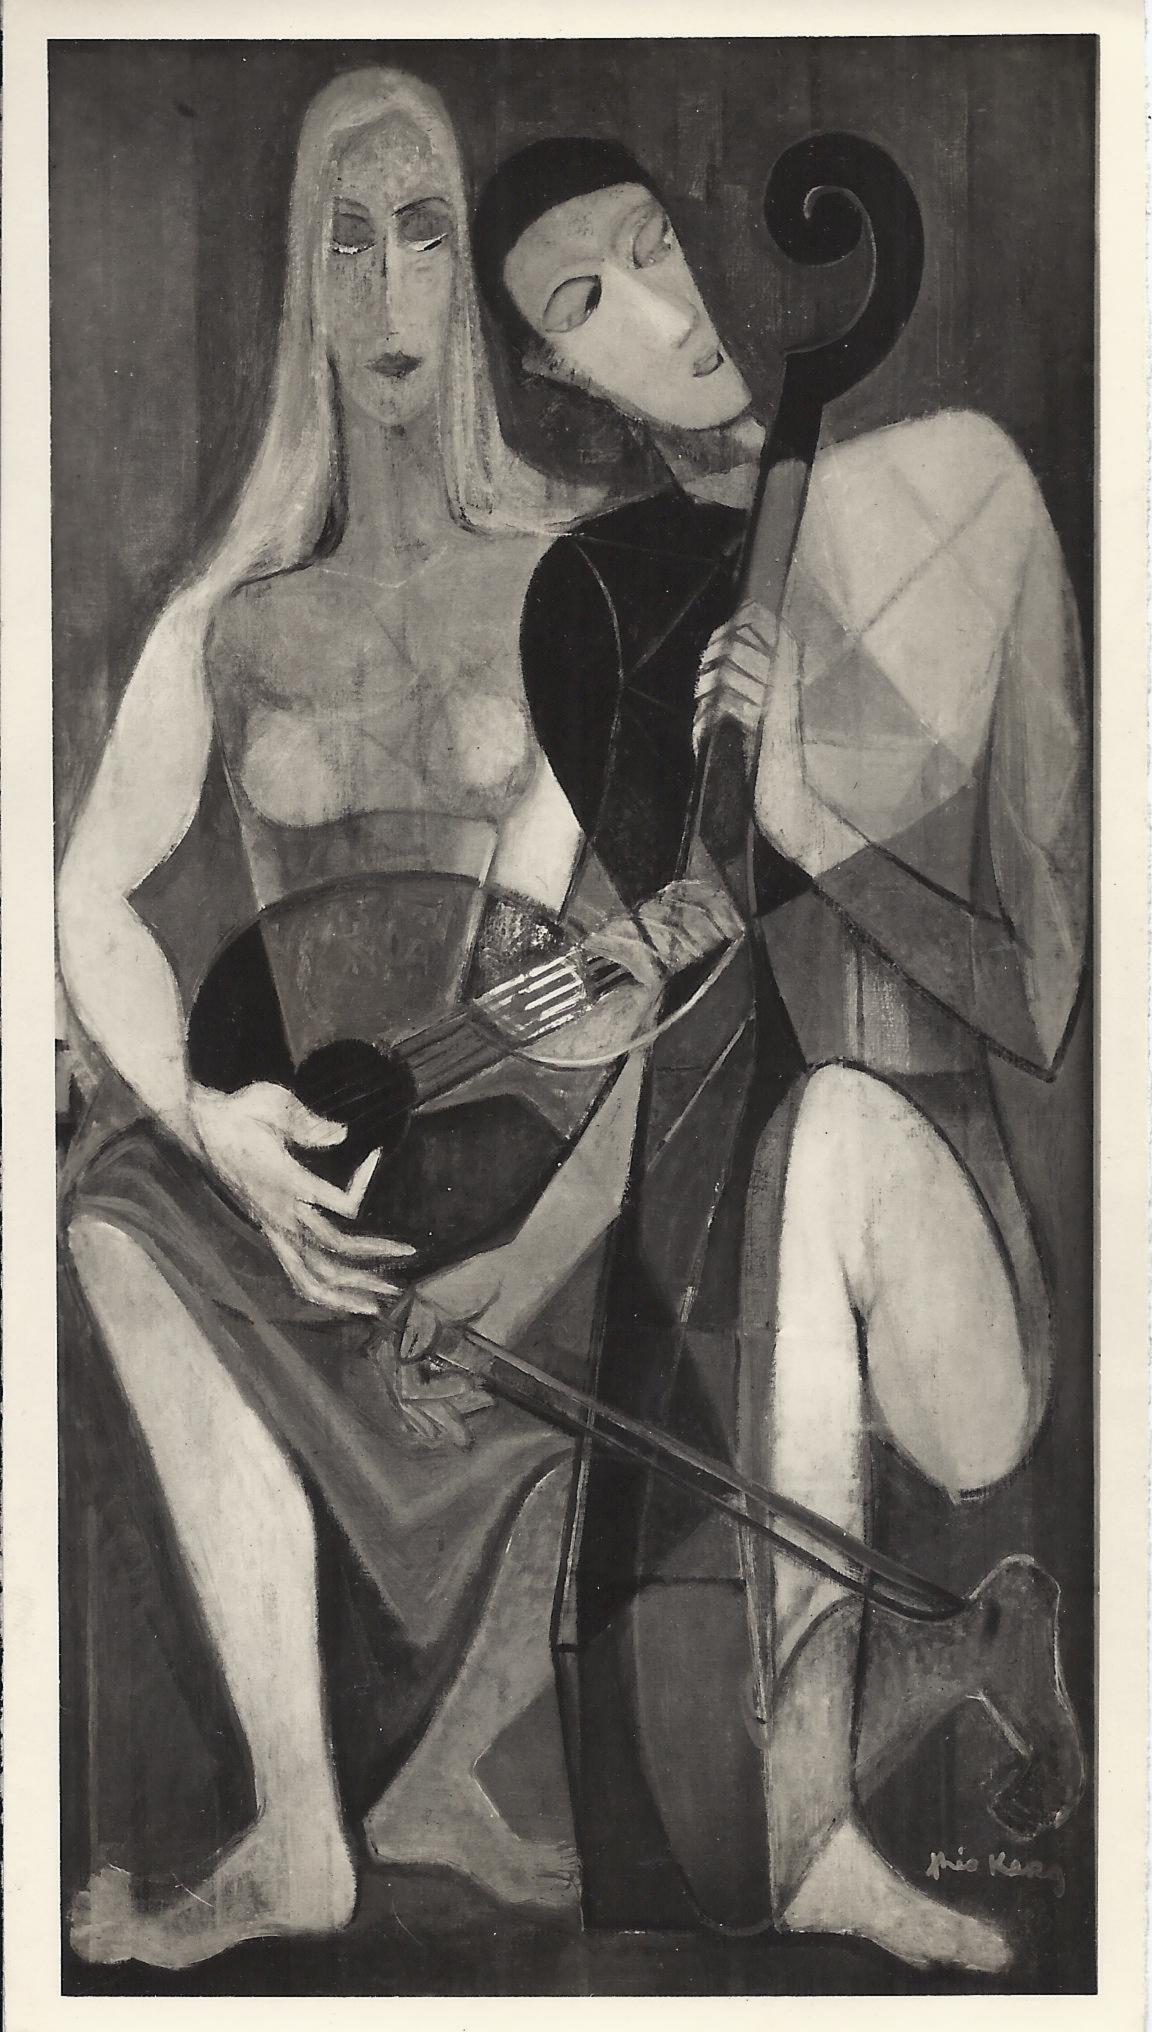 1947 Concertino, huile sur toile exposée au Salon des Indépendants, 80×150 cm